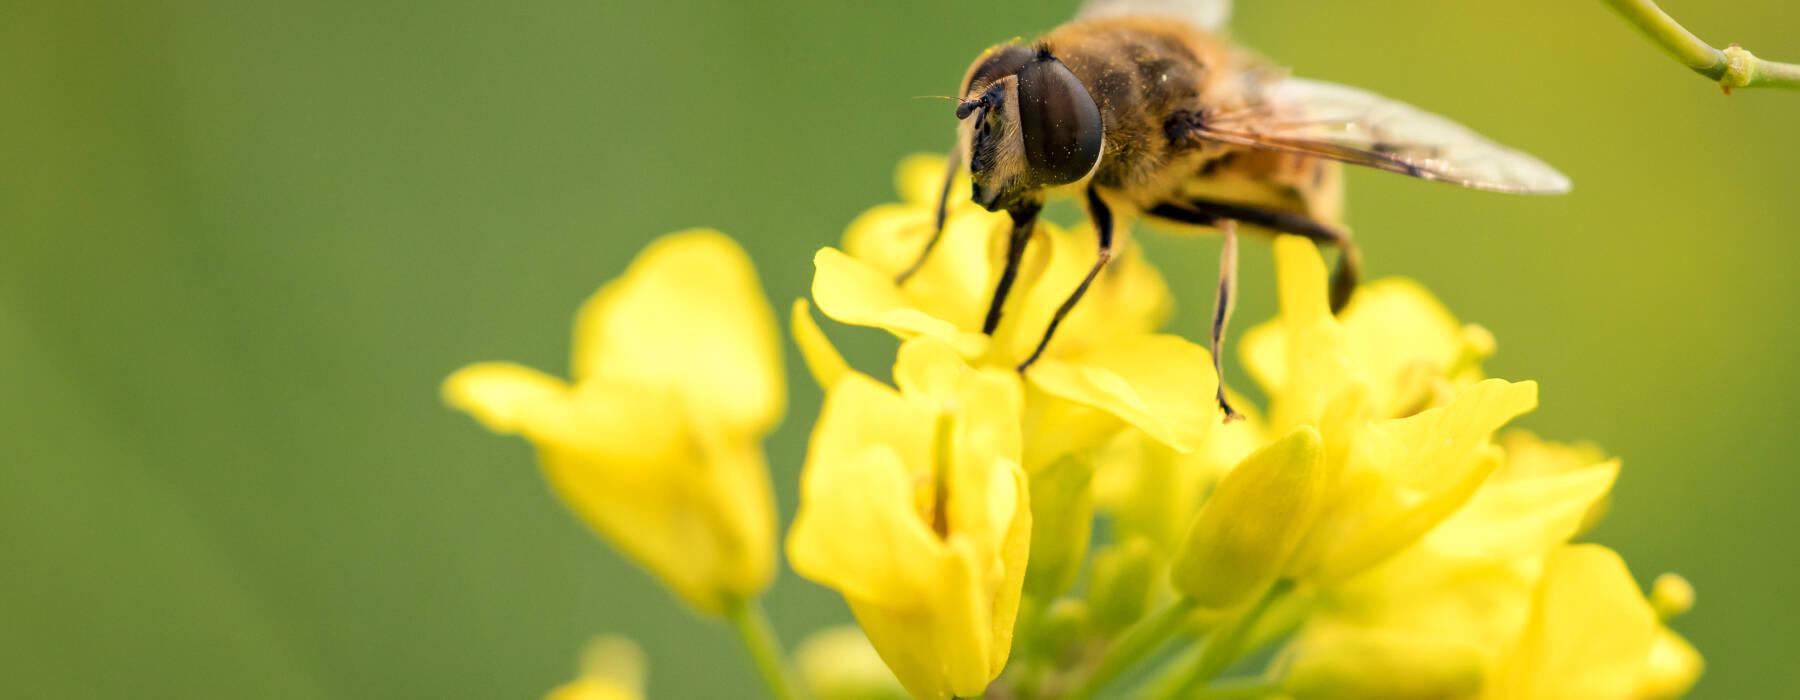 Nijs FNP - Bioferskaat - Bij op blom